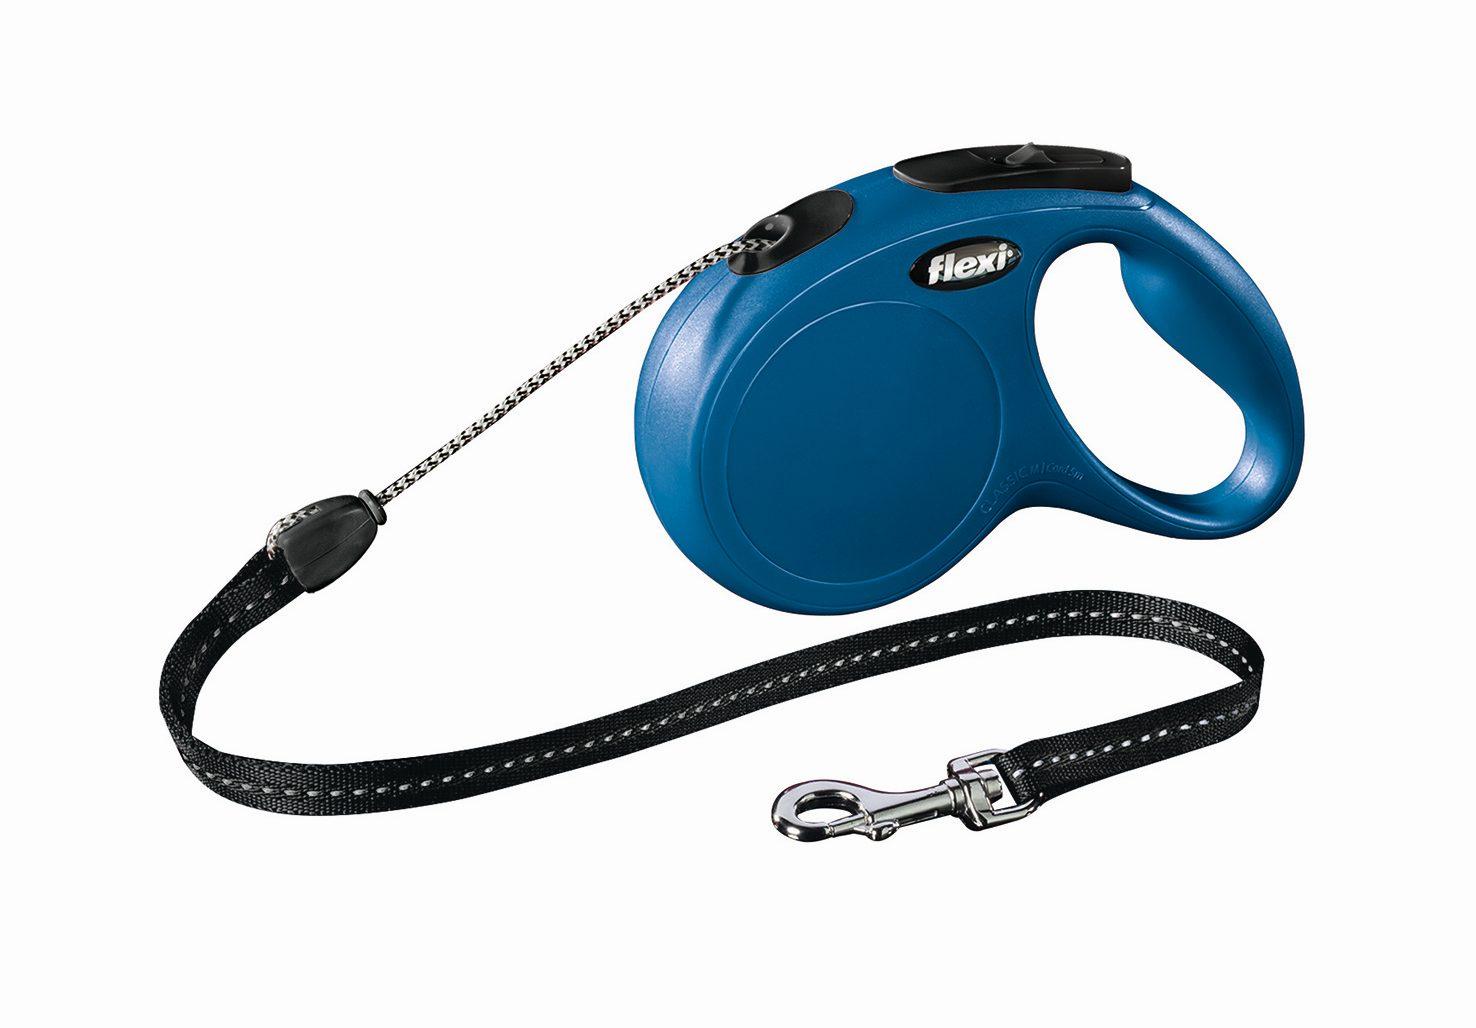 Поводок-рулетка Flexi Classic Long M для собак до 20 кг, цвет: синий, 8 мо25фкПоводок-рулетка Flexi Classic Long M изготовлен из пластика и нейлона. Подходит для собак весом до 20 кг. Тросовый поводок обеспечивает каждой собаке свободу движения, что идет на пользу здоровью и радует вашего четвероногого друга. Рулетка очень проста в использовании. Она оснащена кнопками кратковременной и постоянной фиксации. Ее можно оснастить мультибоксом для лакомств или пакетиков для сбора фекалий, LED подсветкой корпуса, своркой или ремнем с LED подсветкой. Поводок имеет прочный корпус, хромированную застежку и светоотражающие элементы.Длина поводка: 8 м. Максимальная нагрузка: 20 кг.Товар сертифицирован.